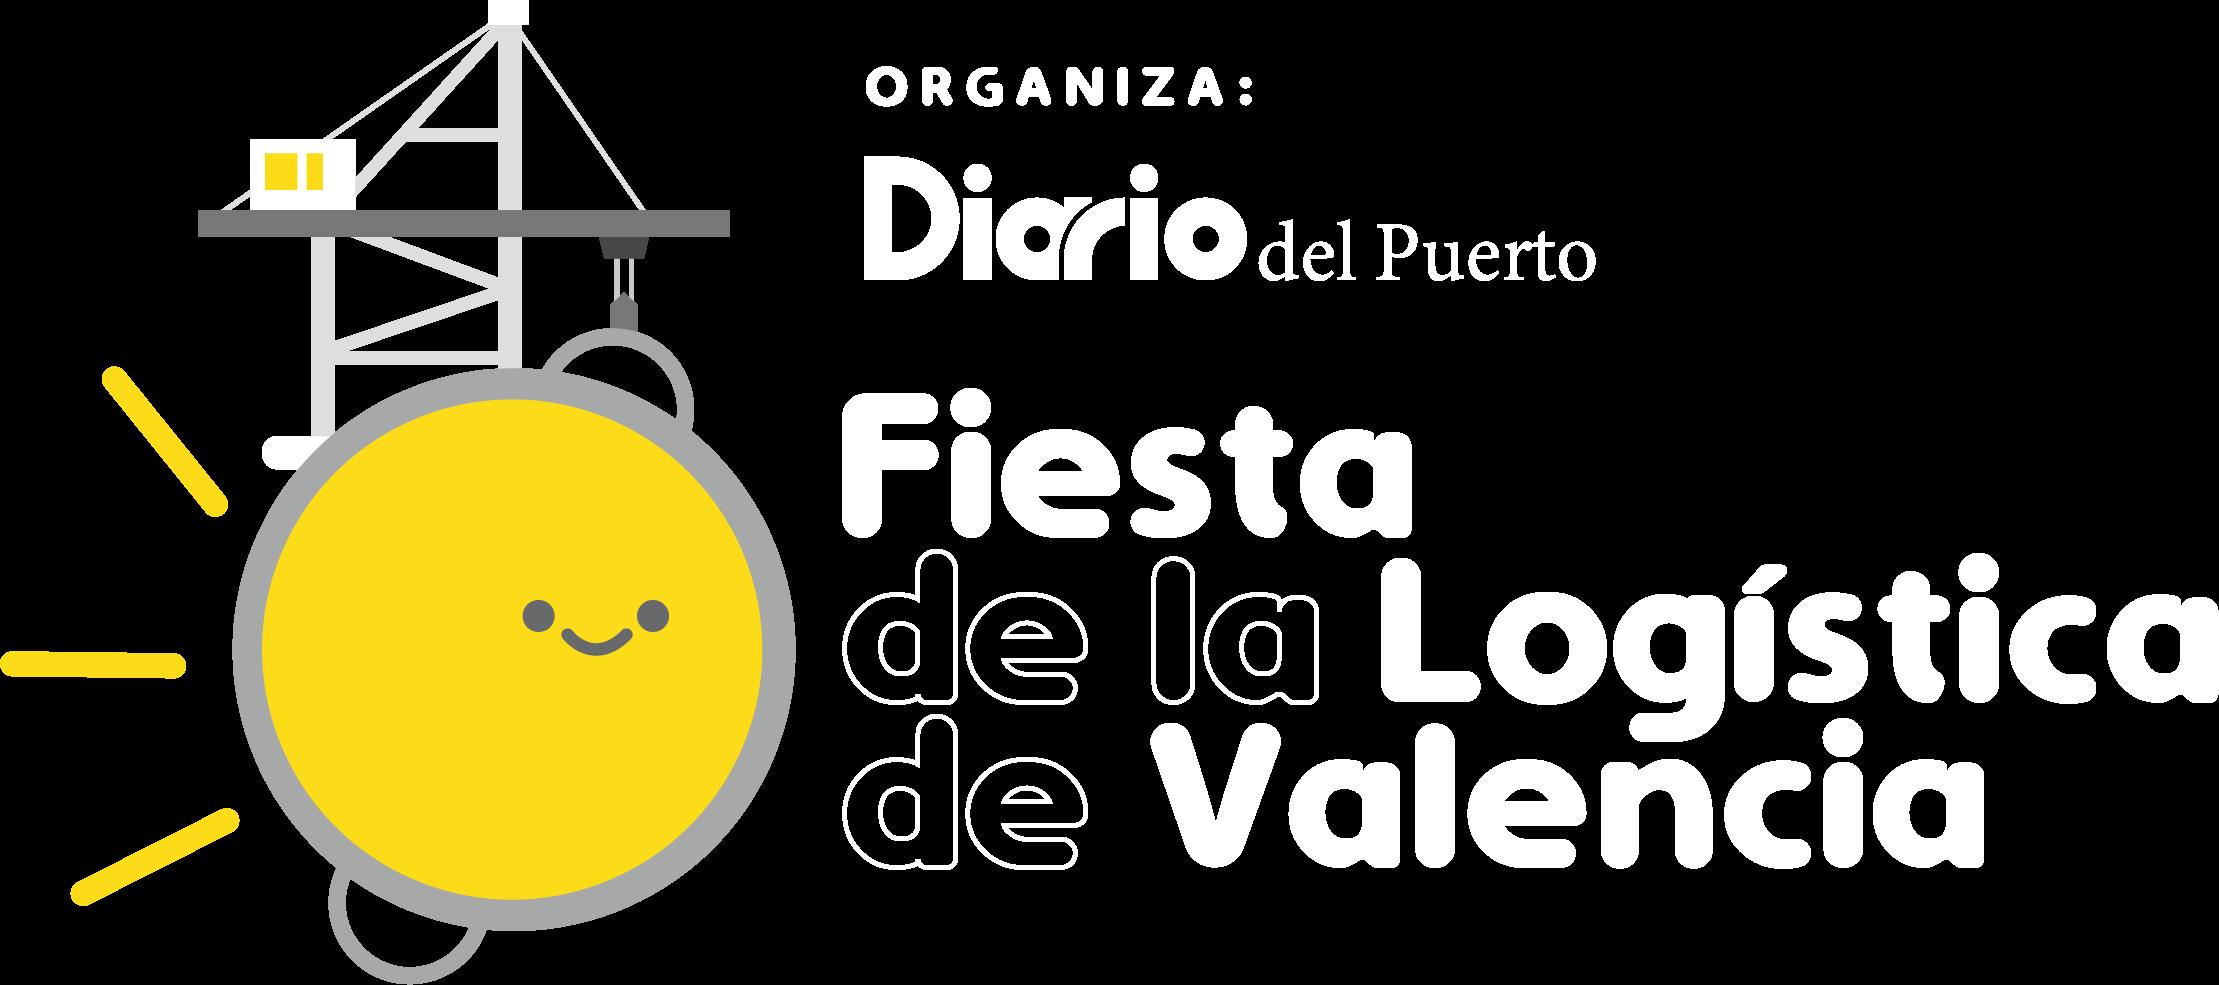 Fiesta de la Logística de Valencia